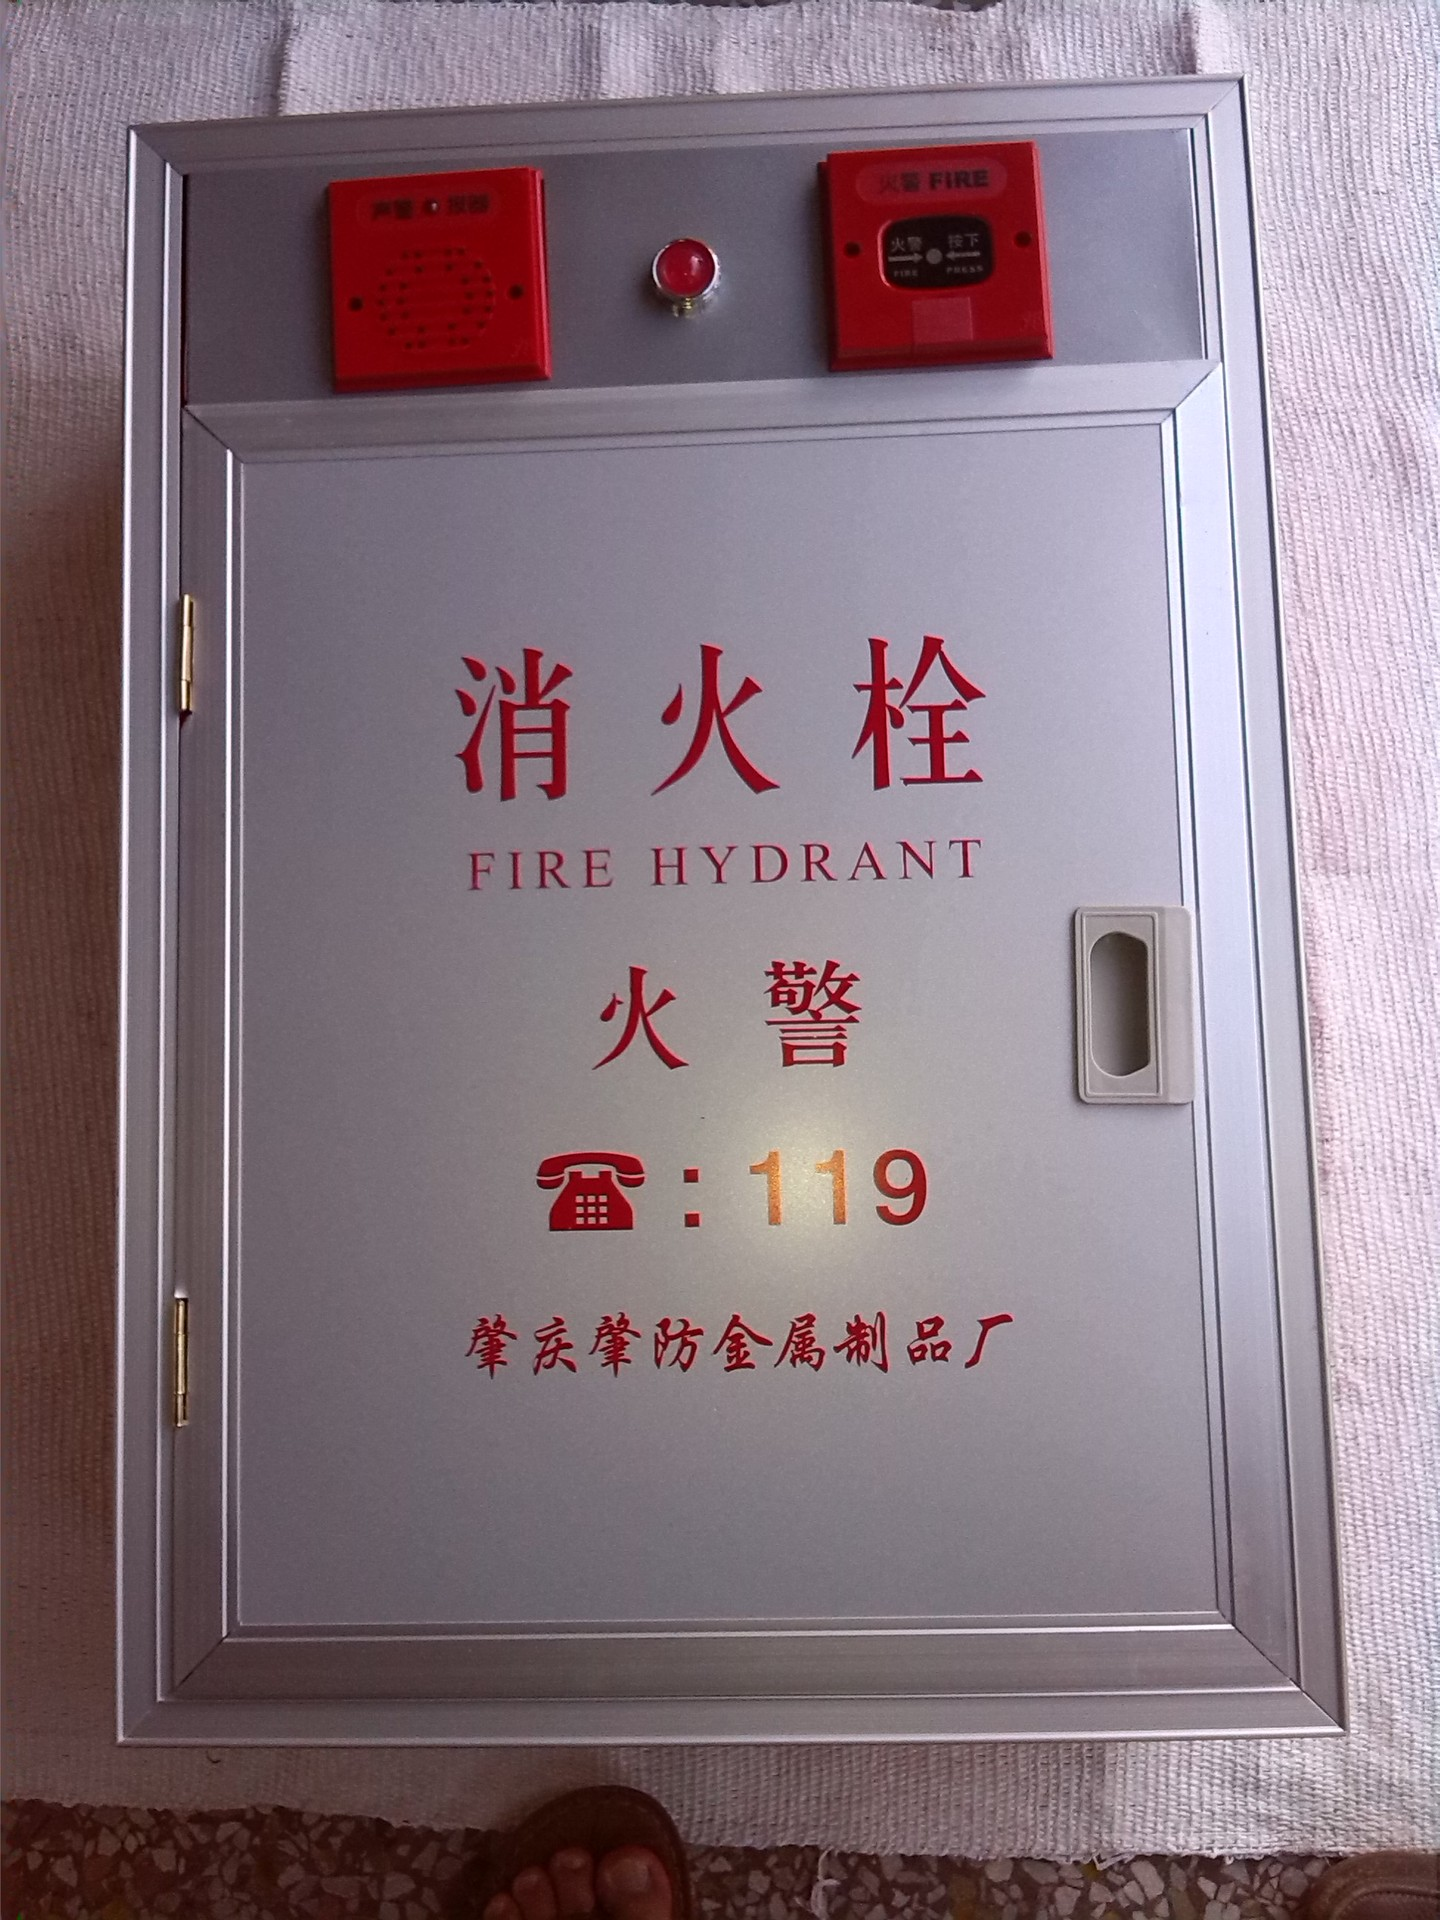 供应消防器材-带报警消火栓箱-消火栓箱 价格优惠厂家直供